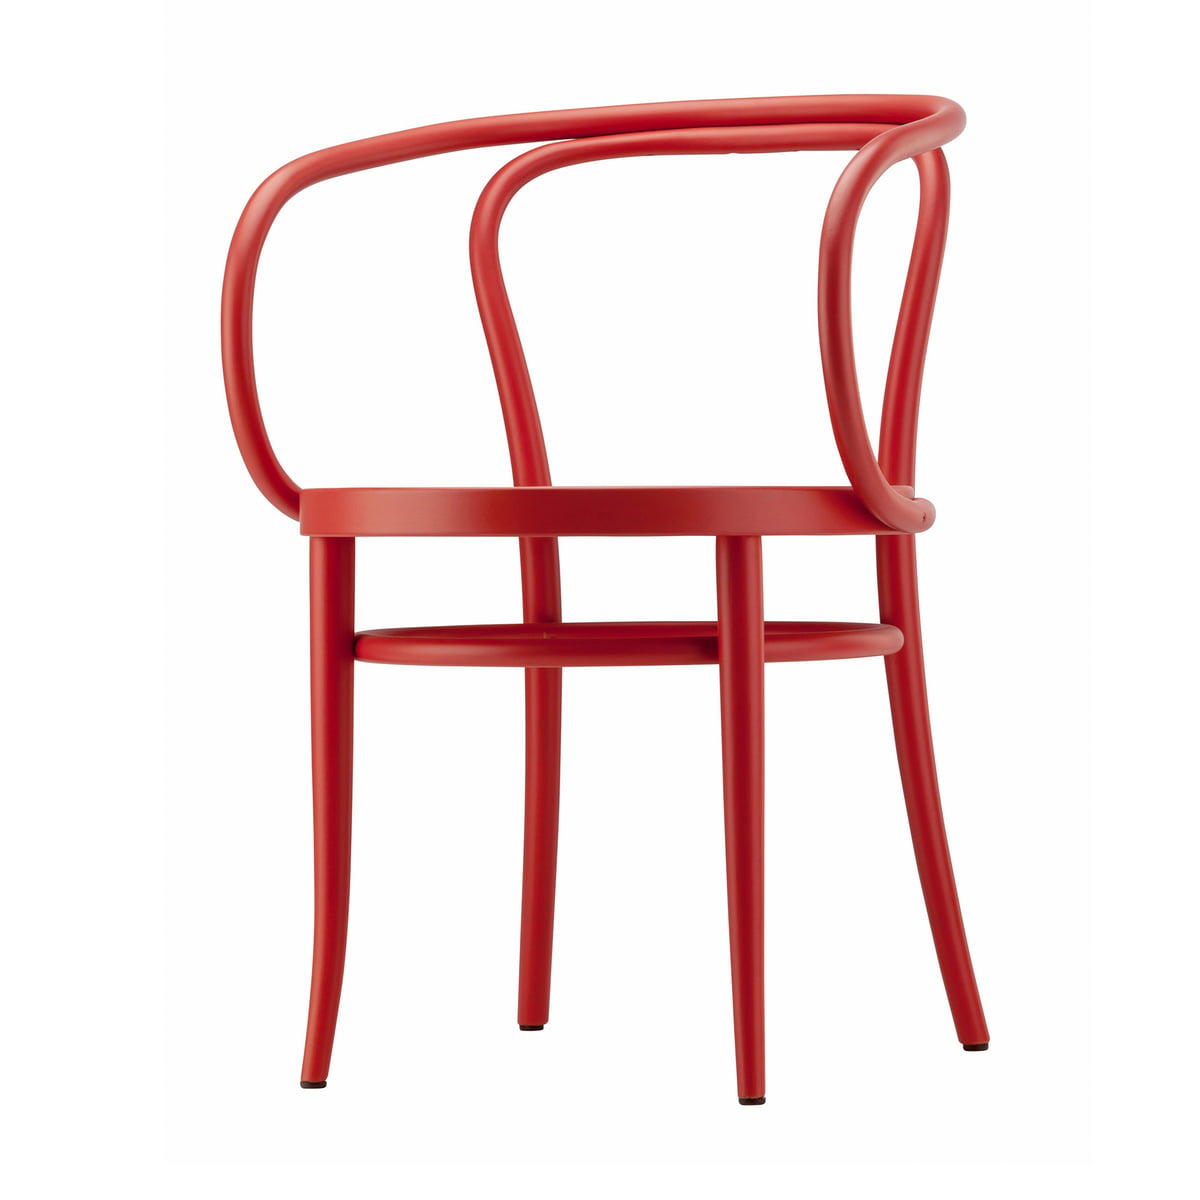 Thonet - 209 Bugholzstuhl, Rohrgeflecht mit Kunststoffstützgewebe / Buche rostrot gebeizt (TP 239) | Küche und Esszimmer > Stühle und Hocker > Holzstühle | Rot | Thonet